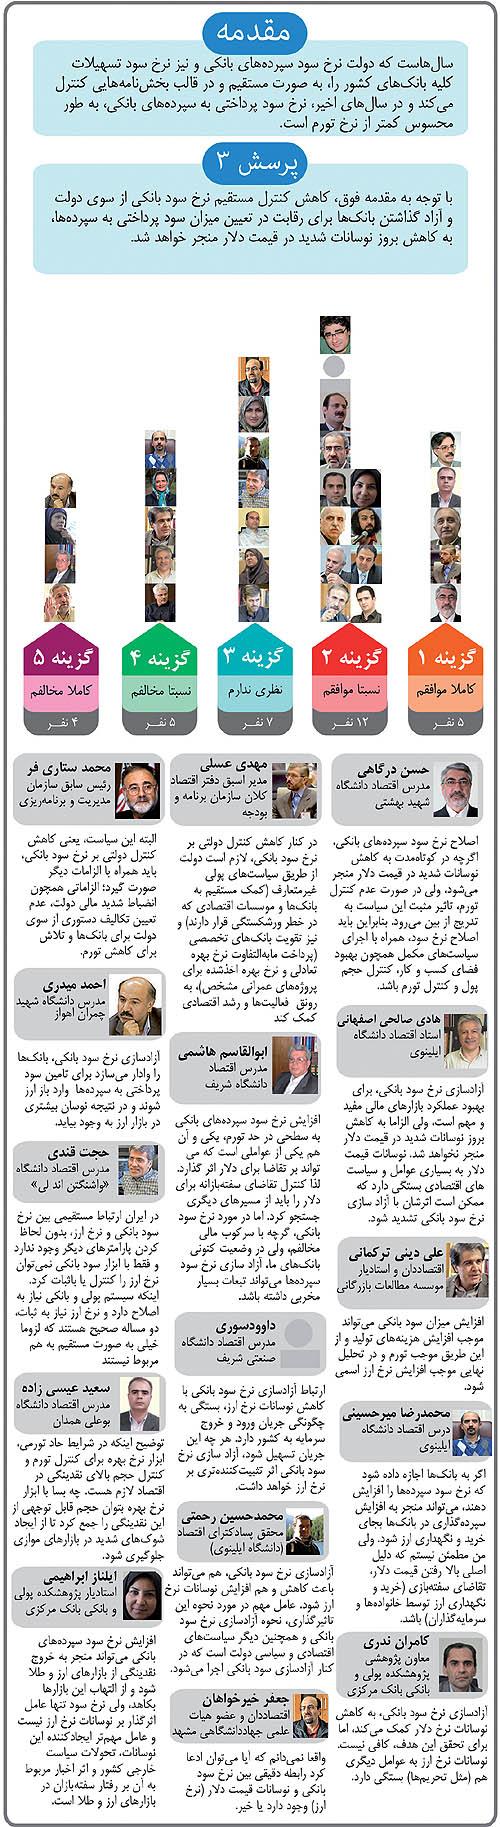 افزایش نرخ سود بانکی خواست جامعه اقتصادی ایران است ؟ ( دنیای اقتصاد - خسرو یعقوبی )